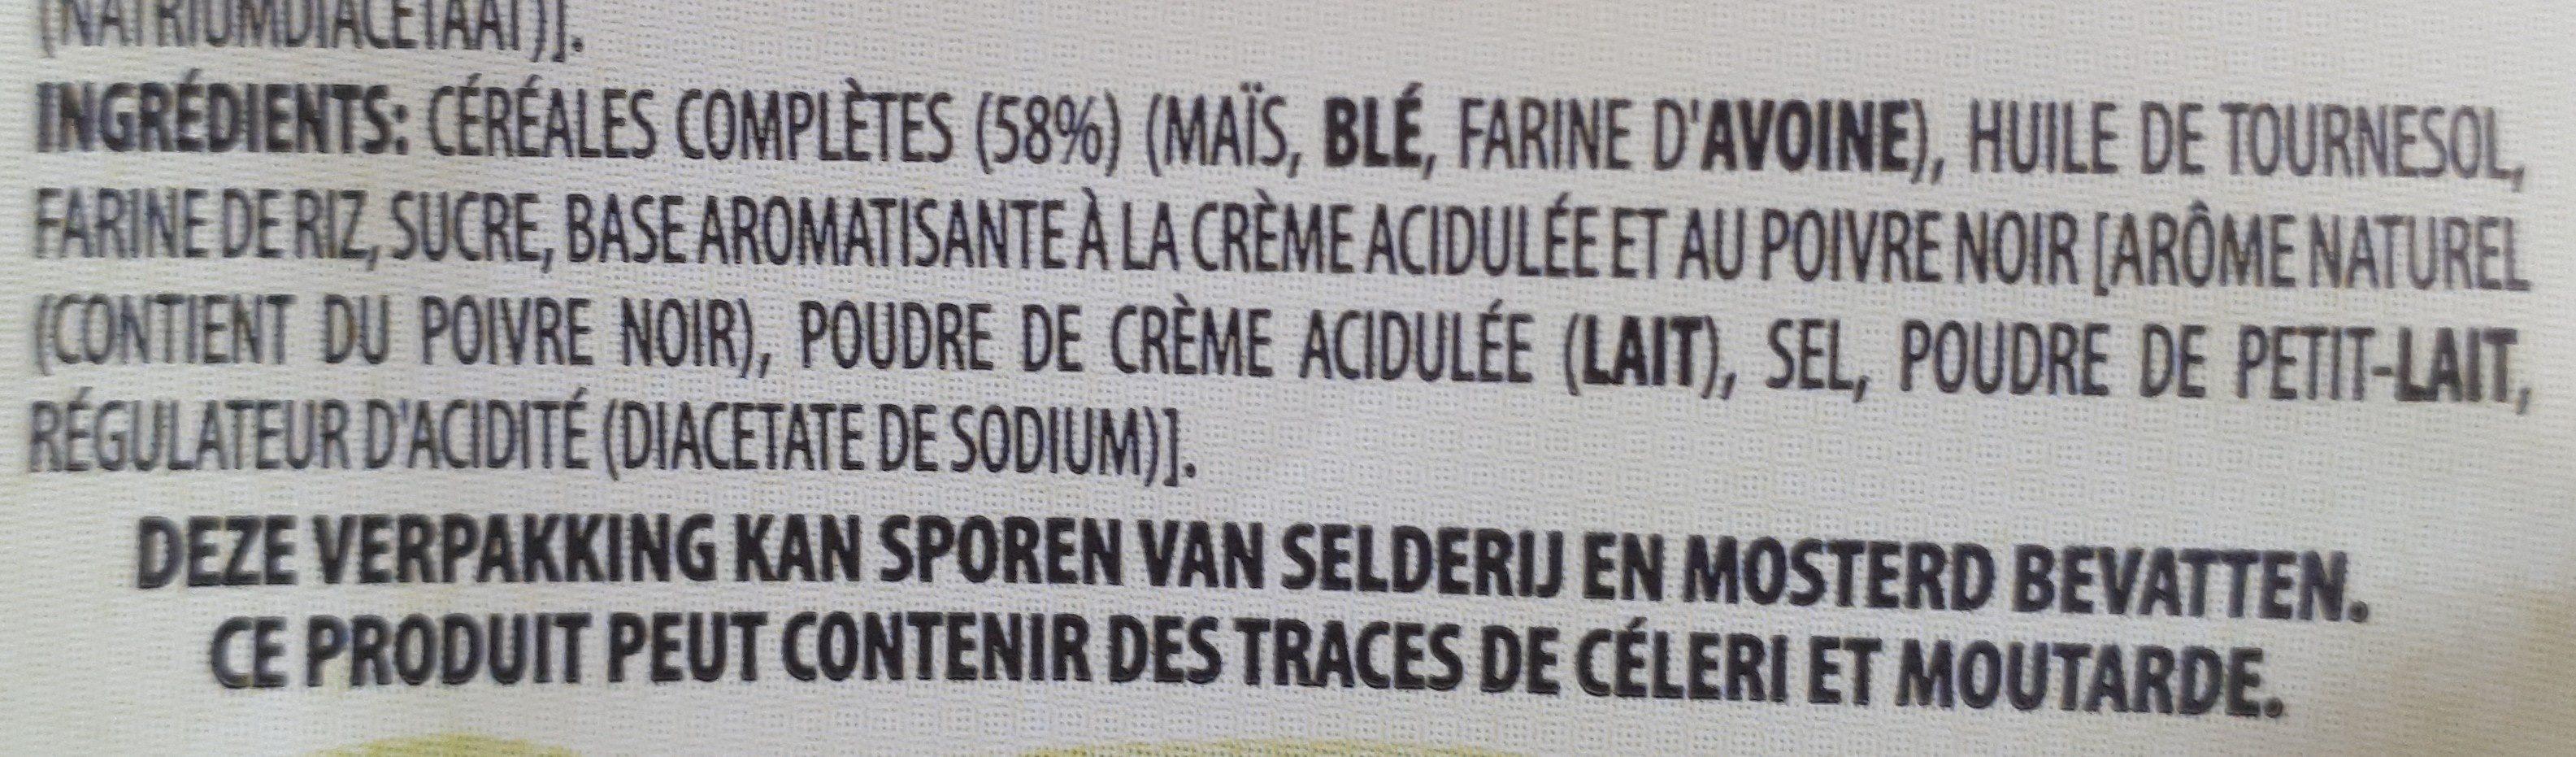 Wavygrains - Ingredients - fr